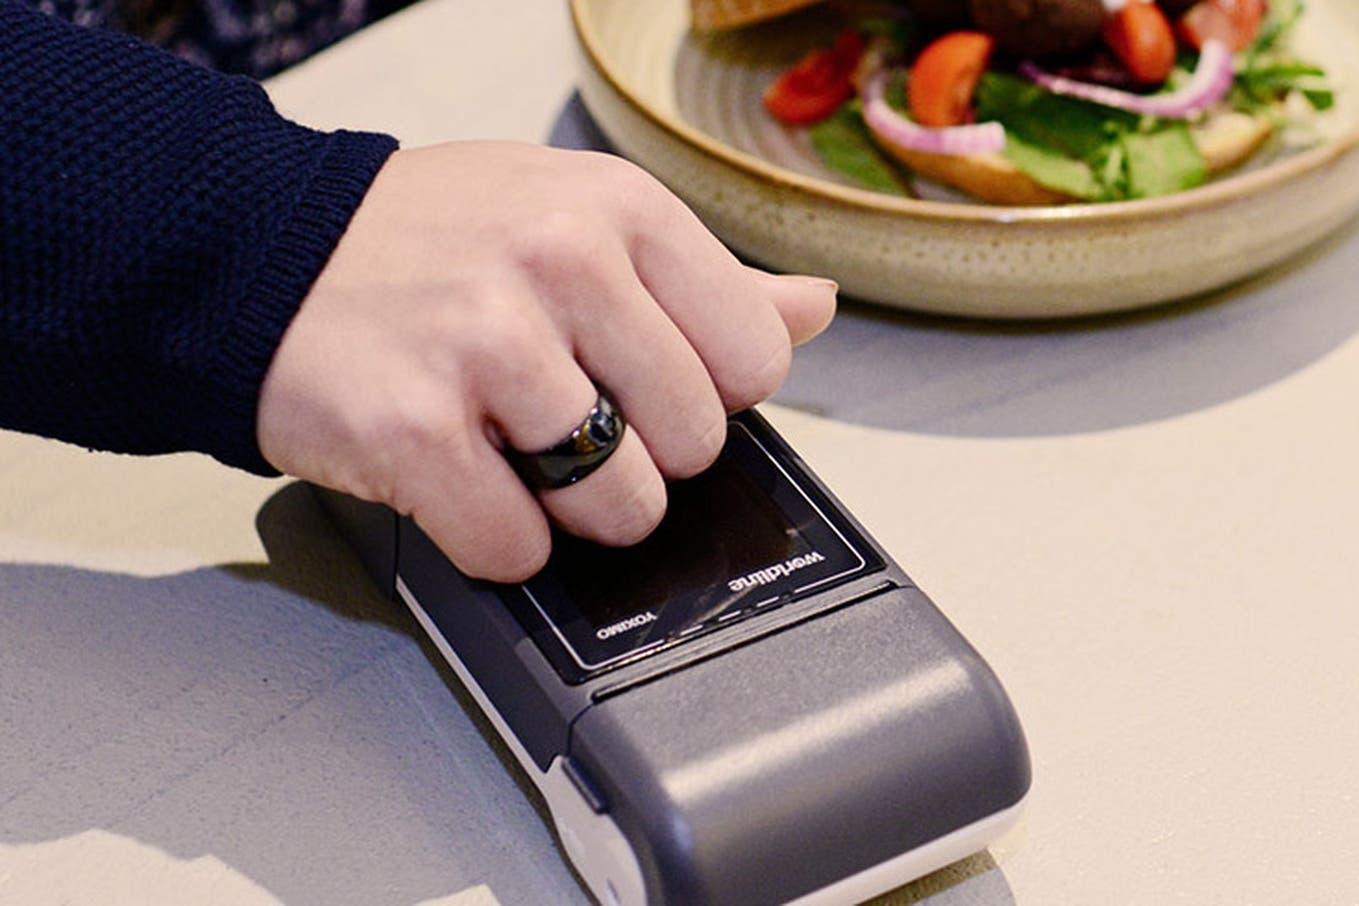 Innovación en pagos: anillos inteligentes, tarjetas con huella digital y soluciones de biometría para detectar el fraude